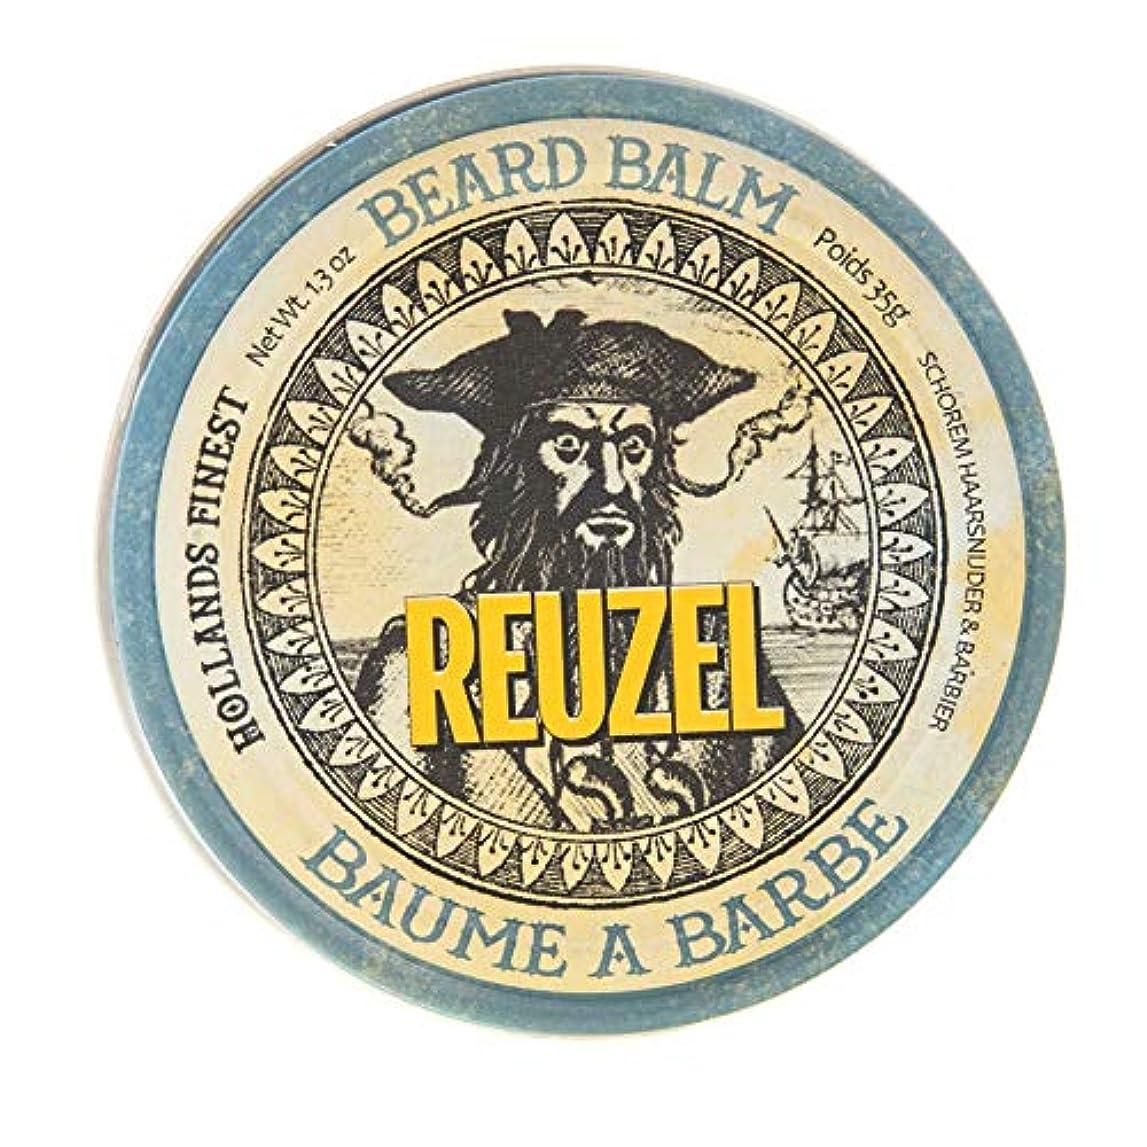 ルーゾー ビアード バーム Reuzel Beard Balm 35 g [並行輸入品]